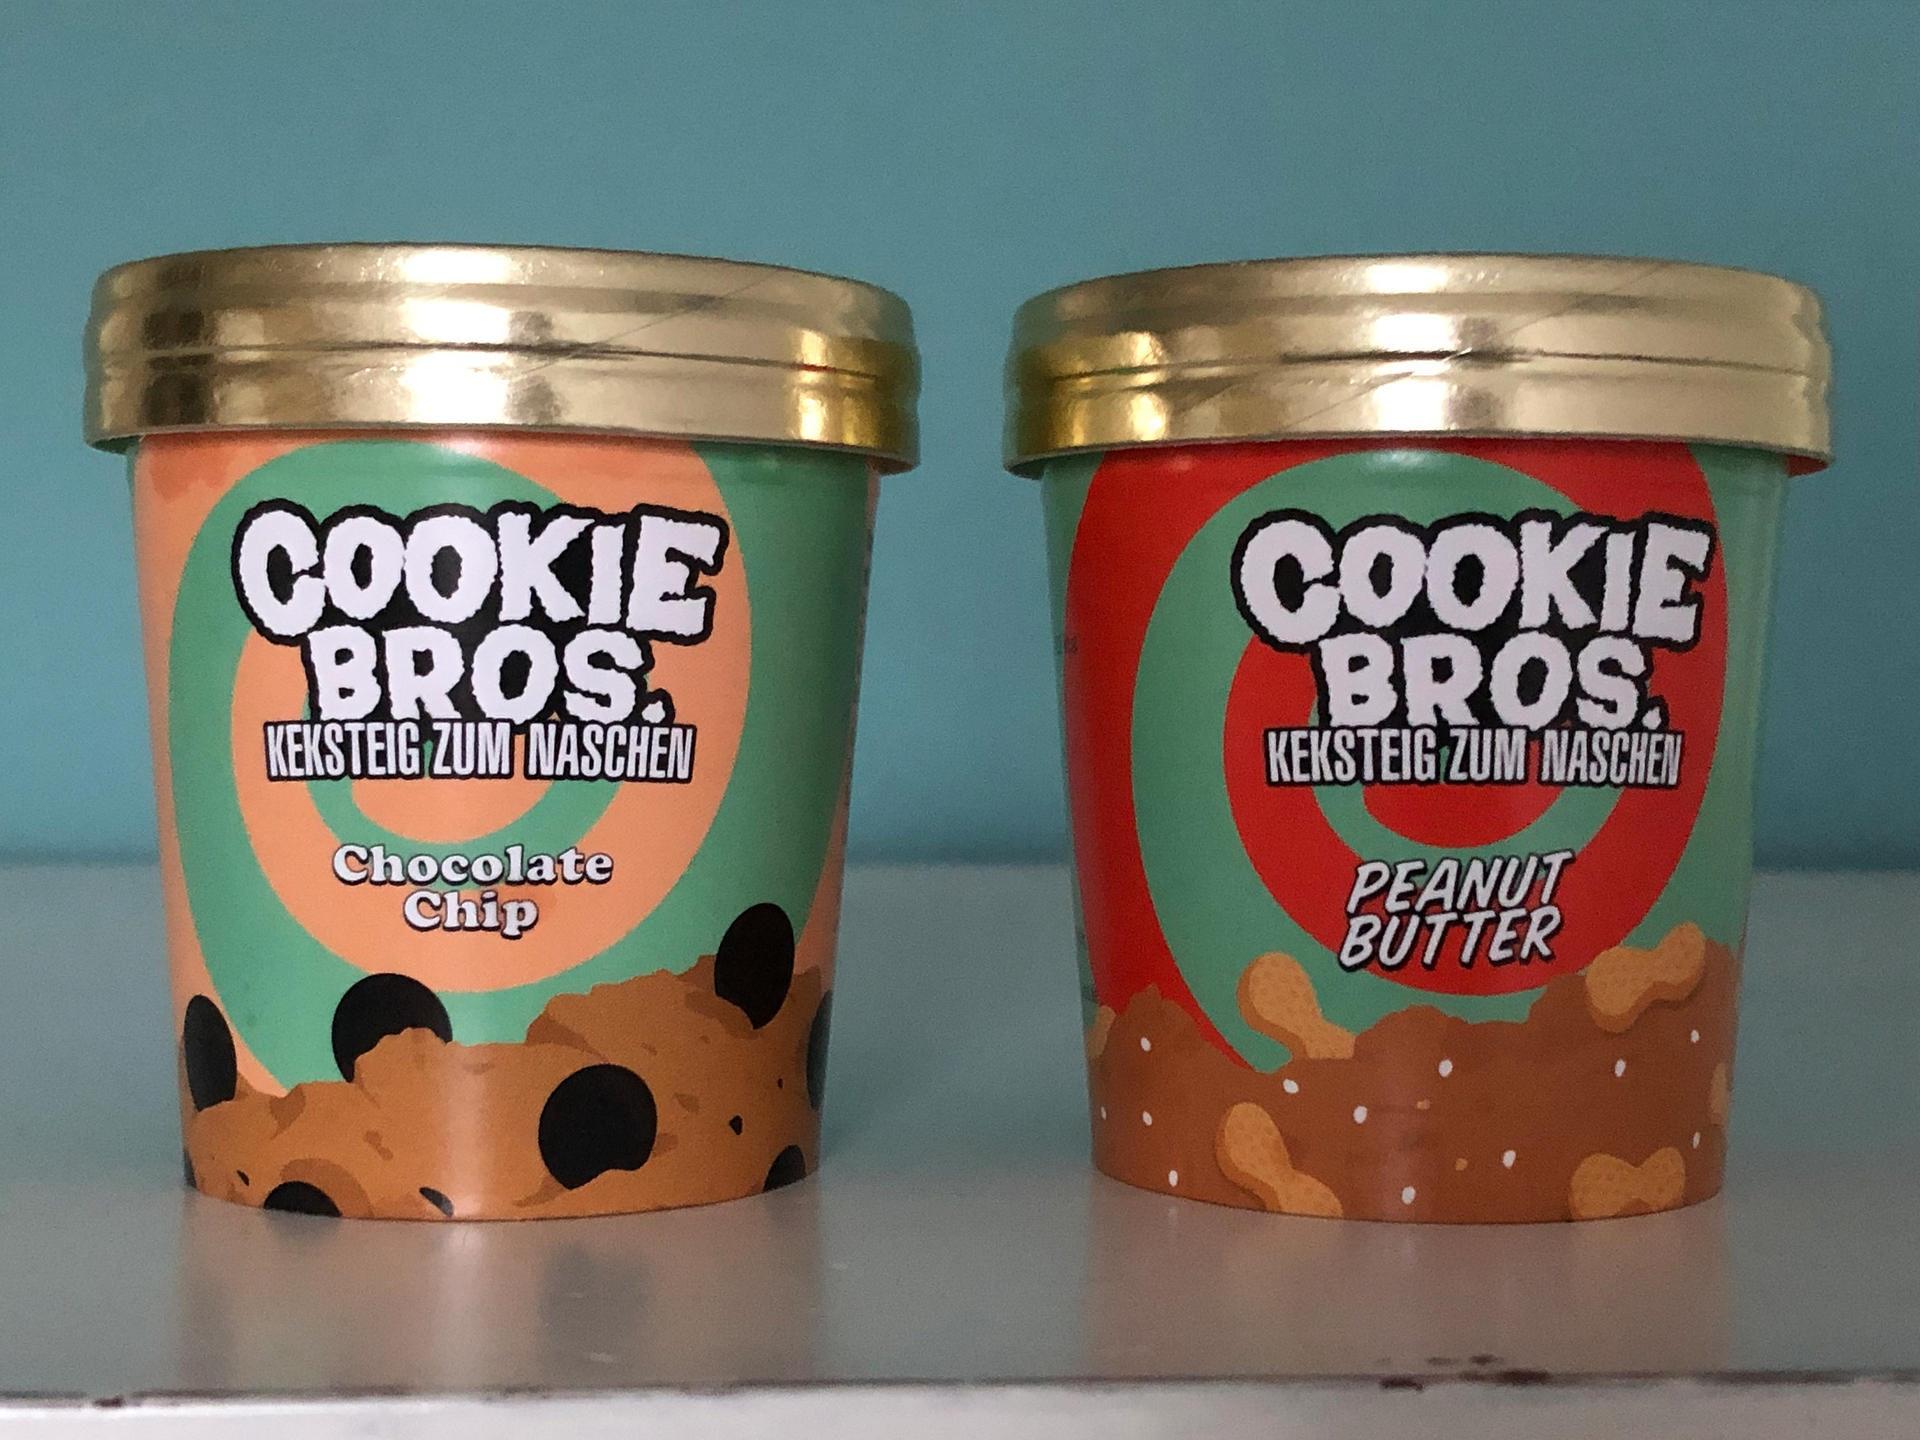 Köln Cookie Bros starten mit Keksteig zum Löffeln durch   Express